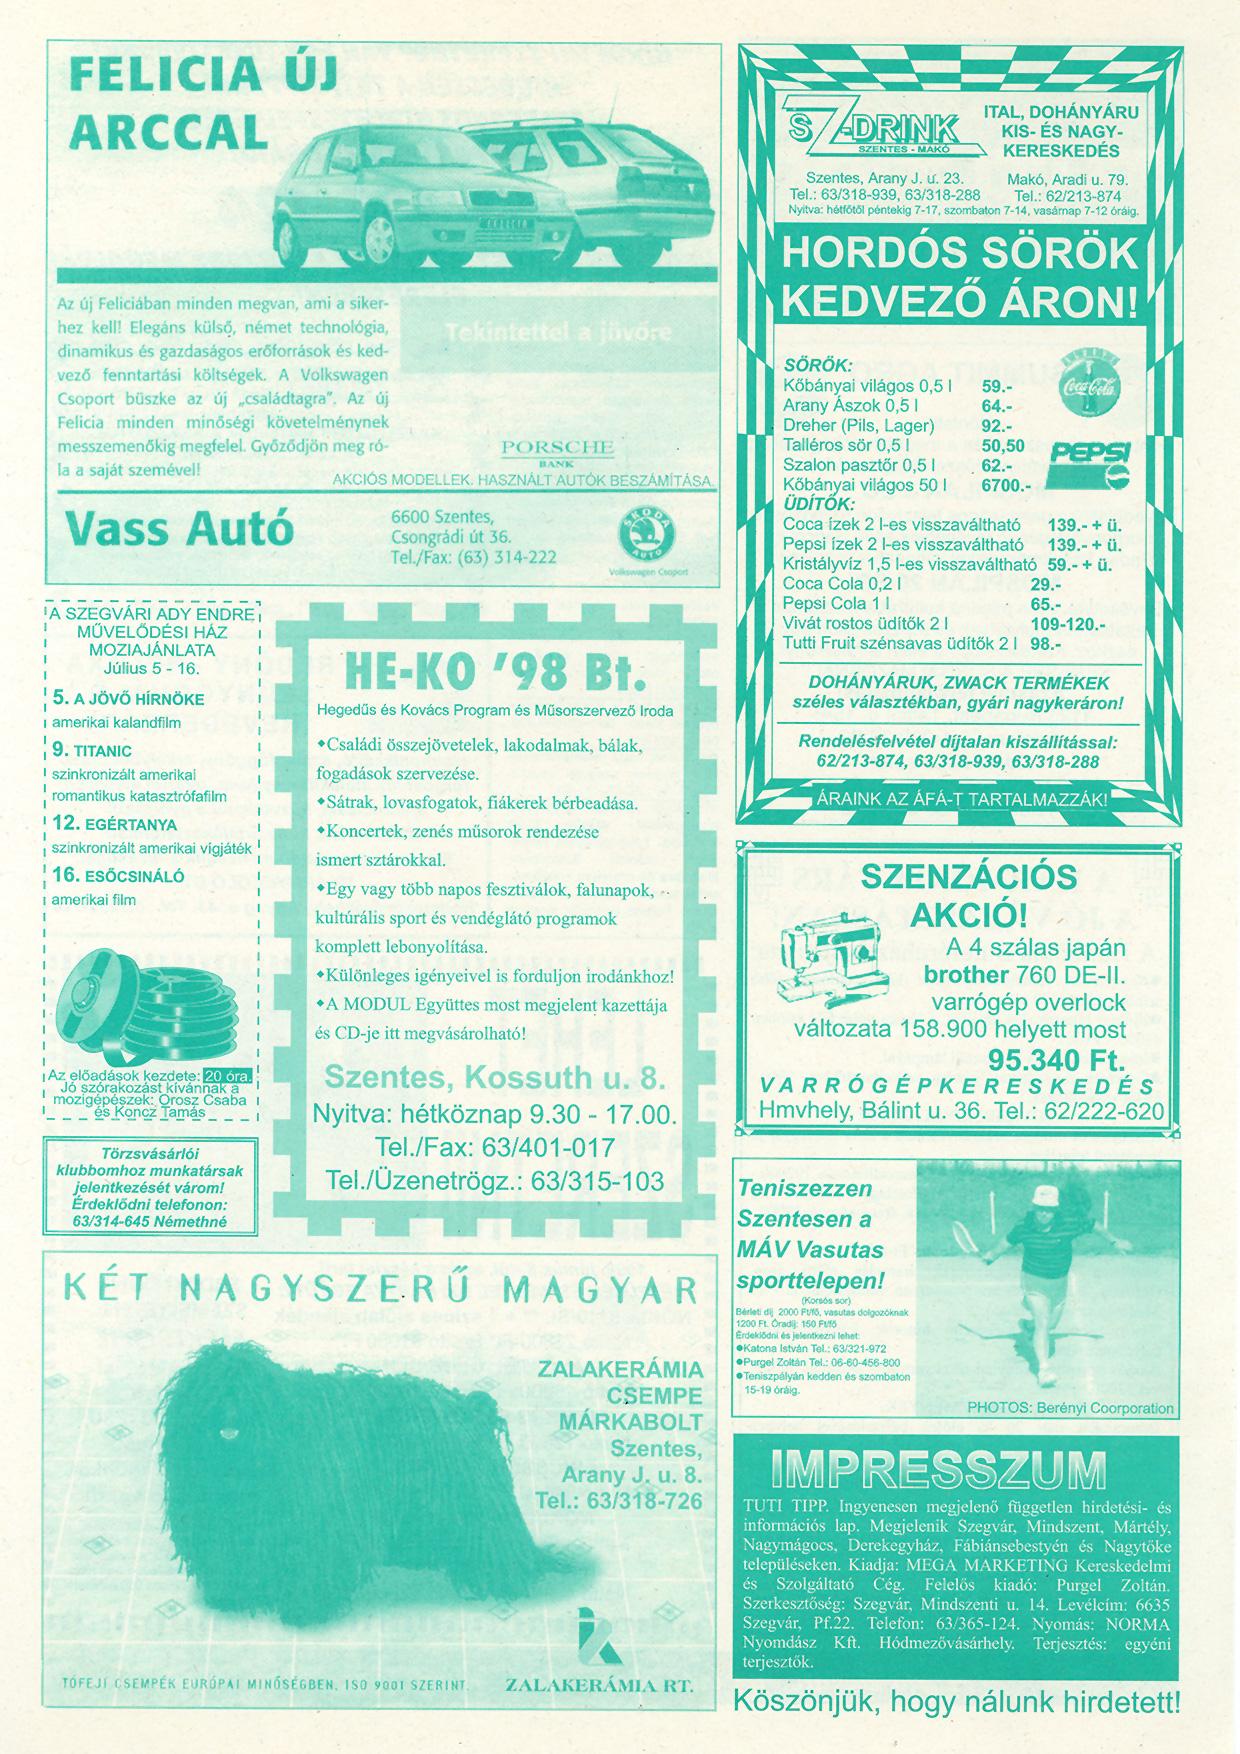 026 Tuti Tipp reklámújság - 19980704-089. lapszám - 2.oldal - IV. évfolyam.jpg